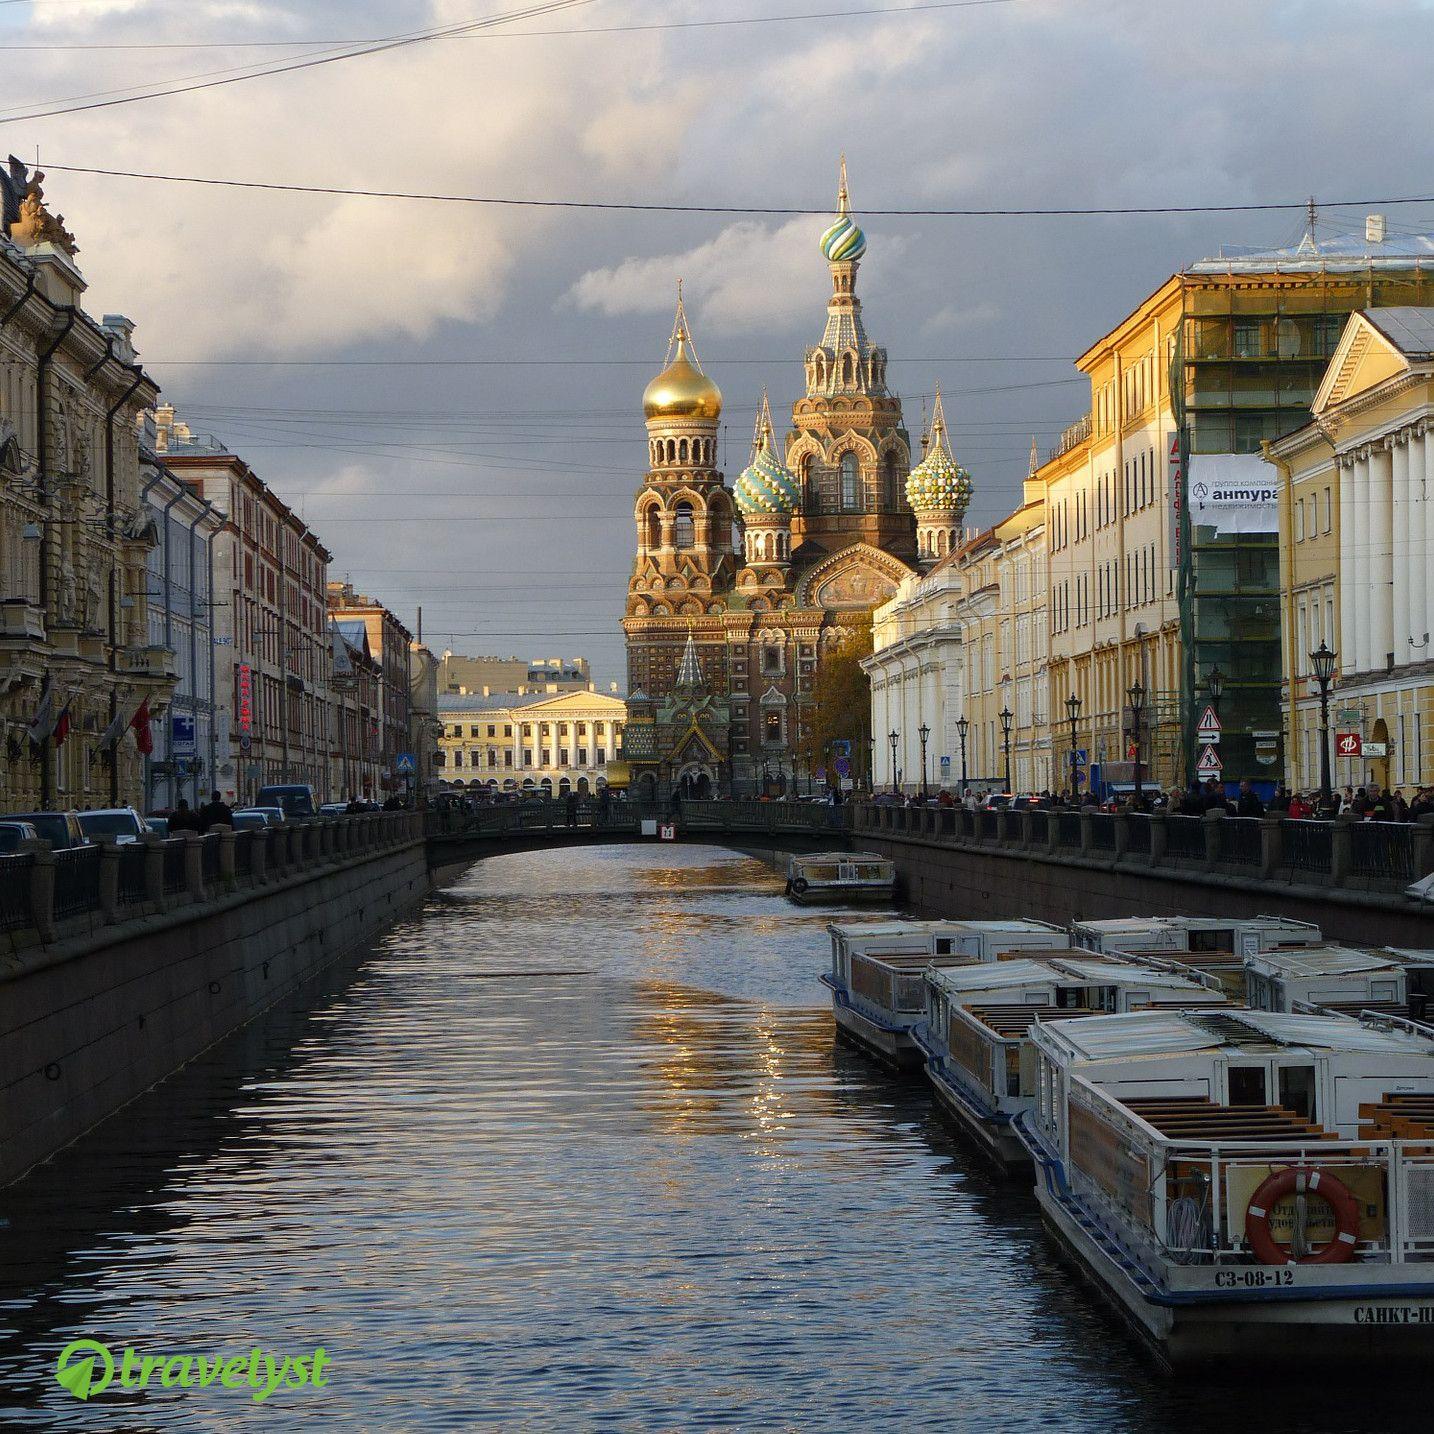 St petersburg die zweitgr te stadt russlands ist das kulturelle zentrum des landes - Architektonische meisterwerke ...